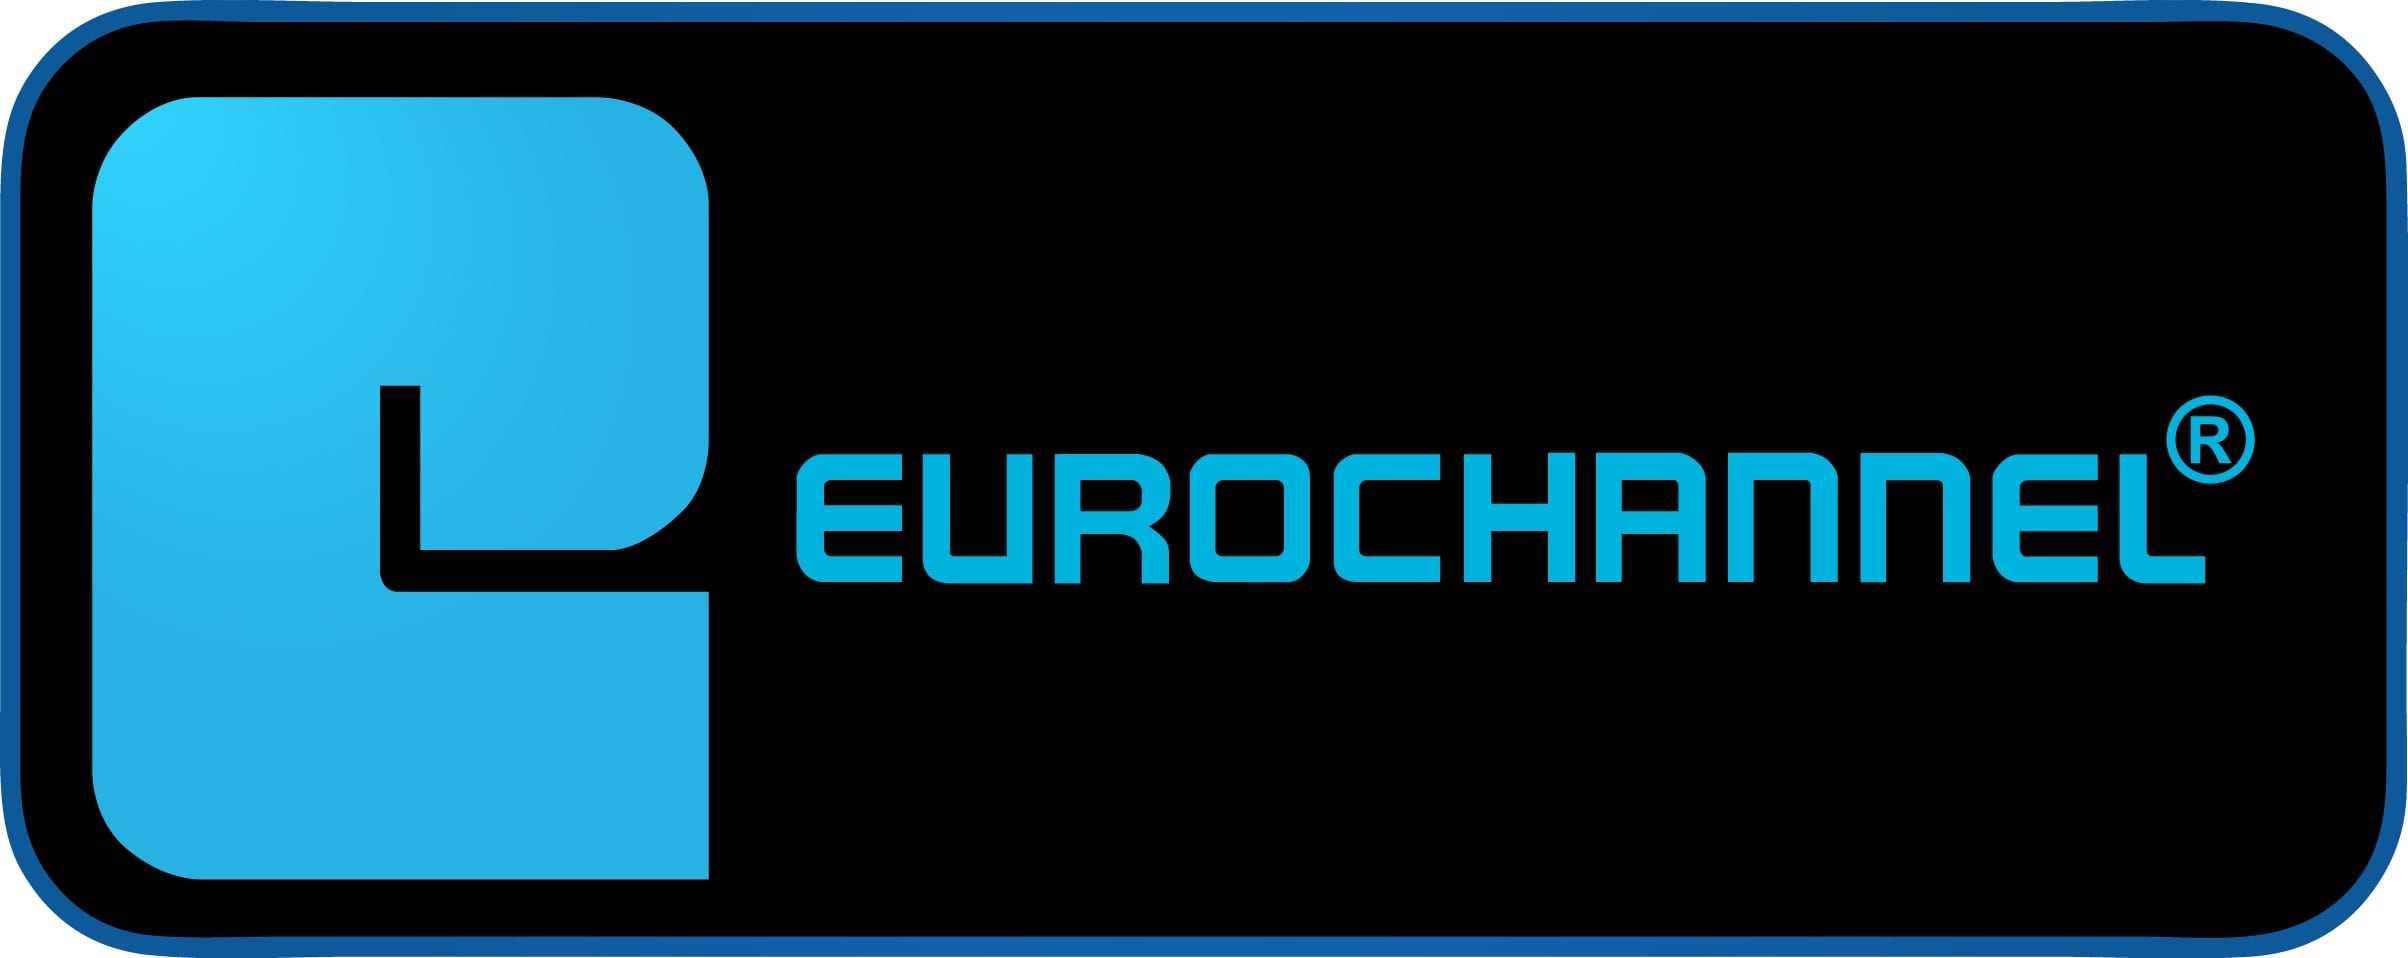 Eurochannel logo-